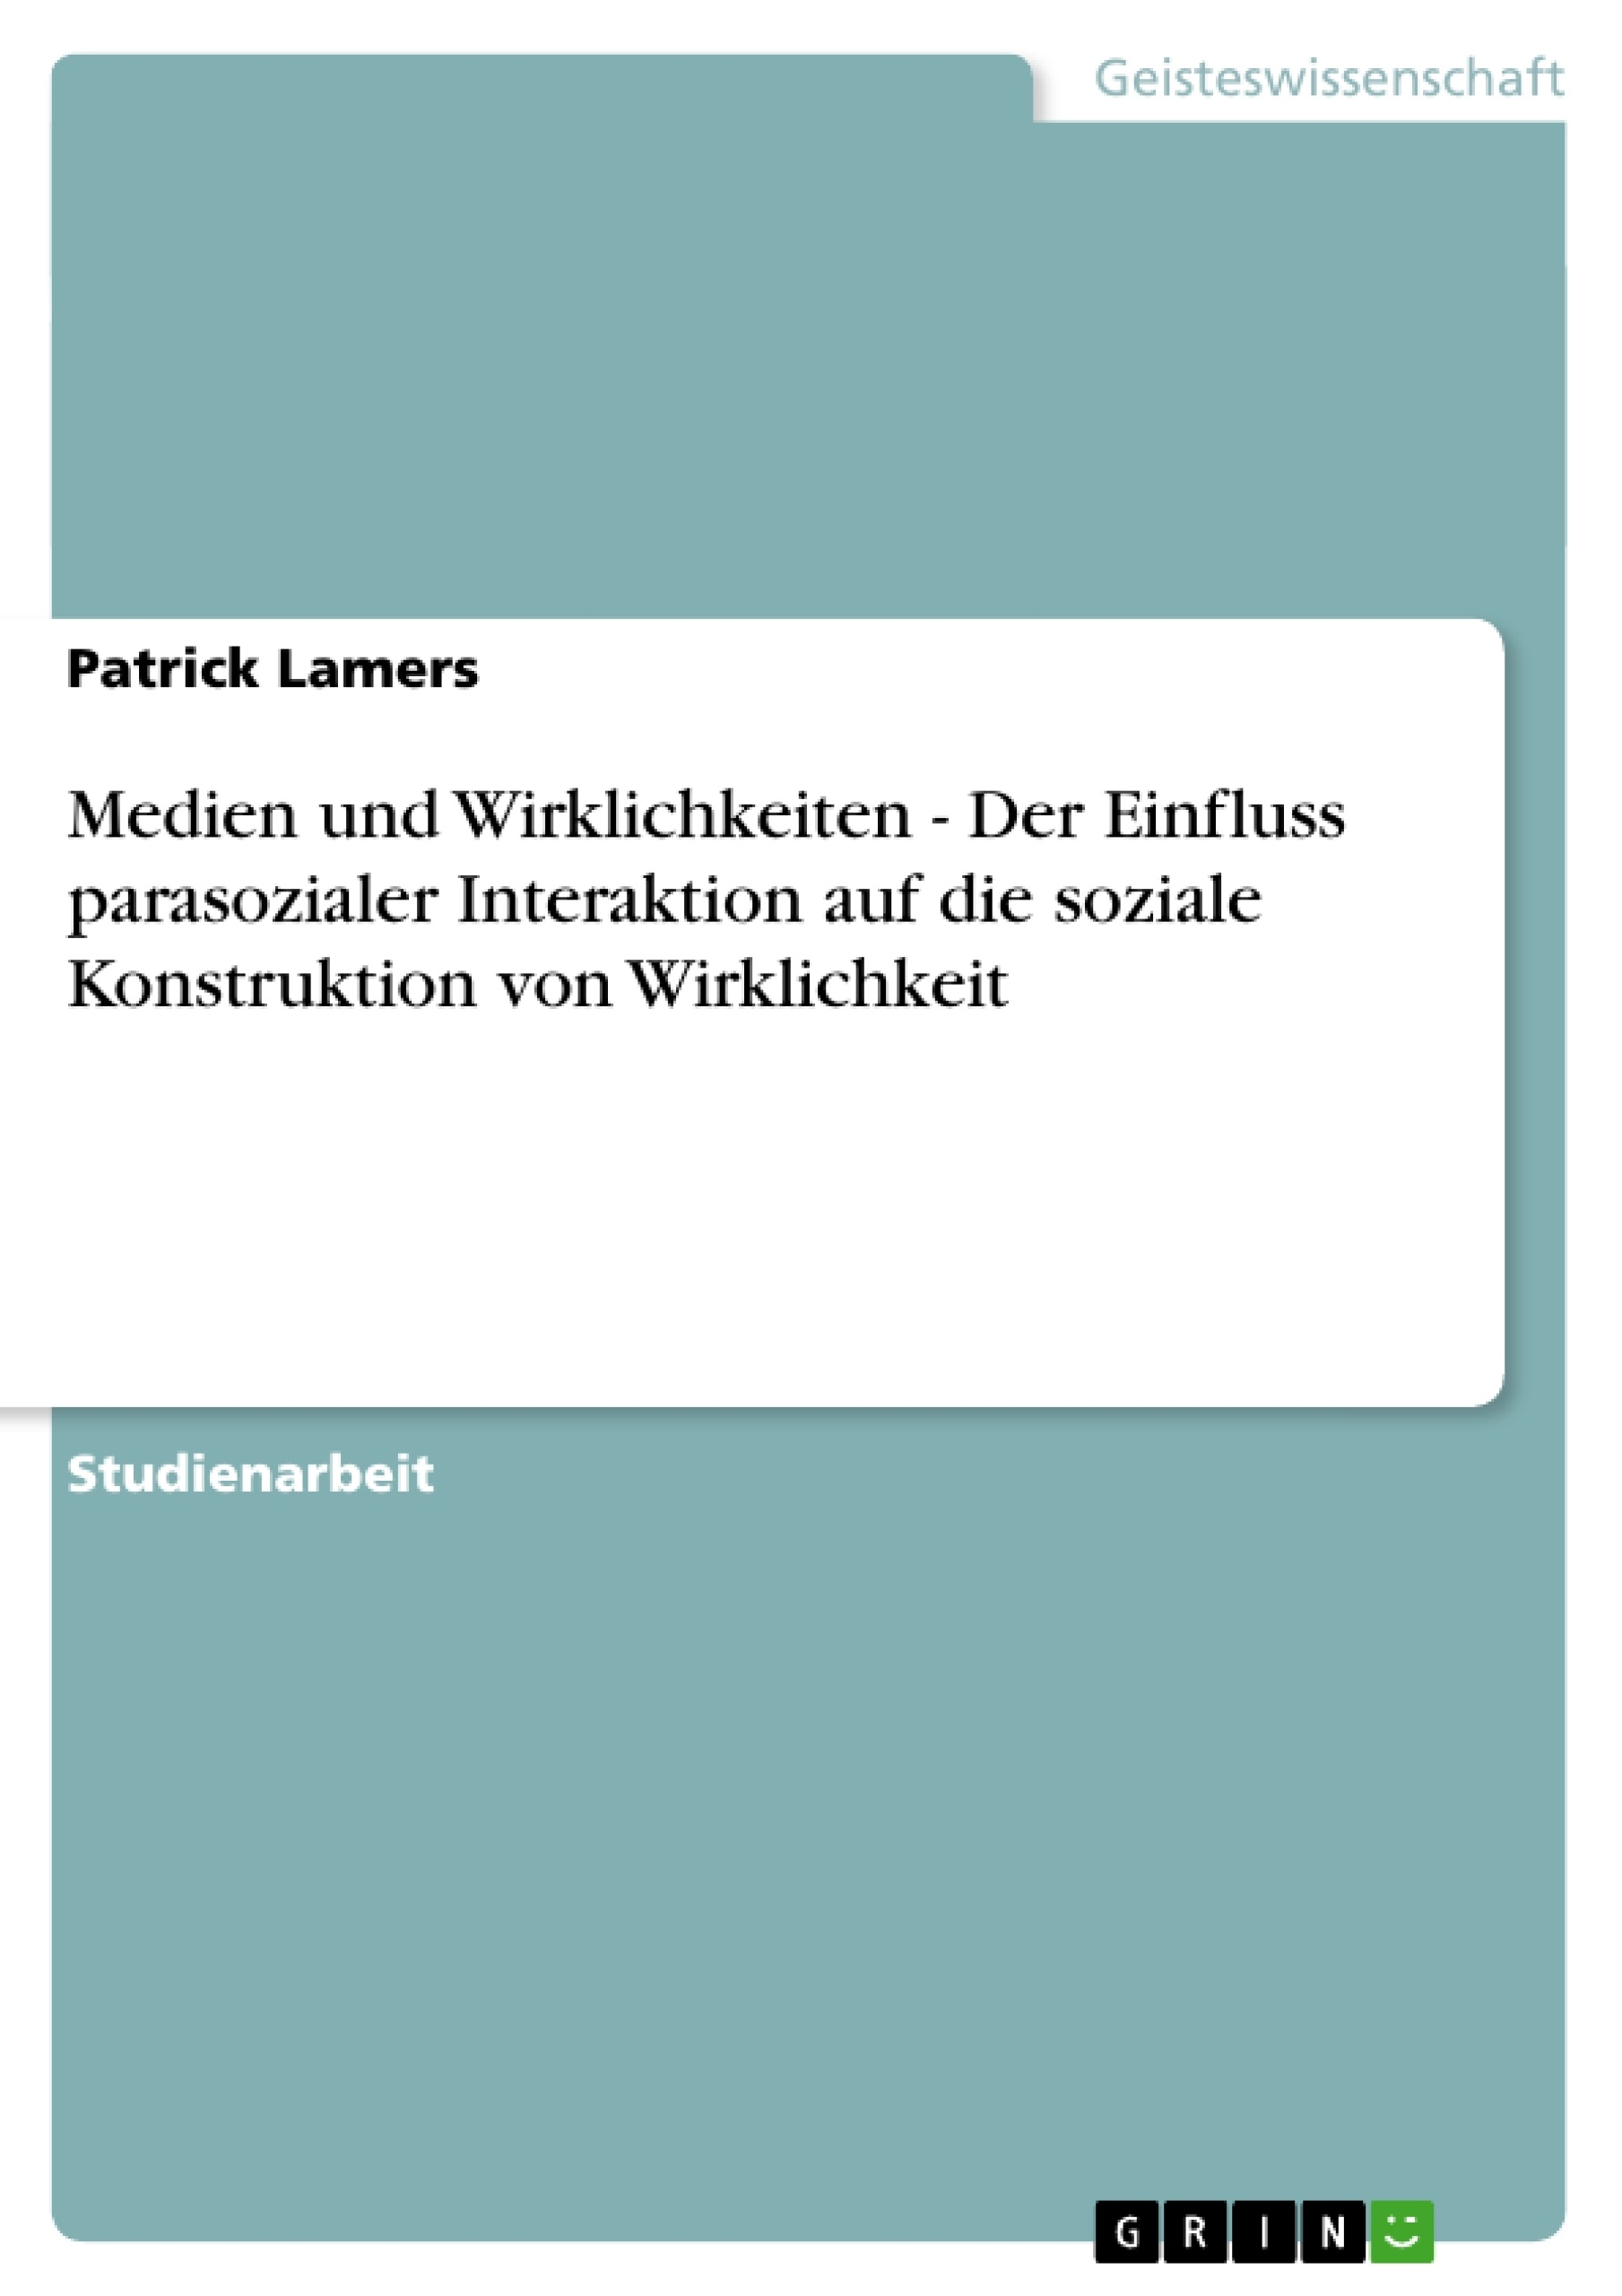 Titel: Medien und Wirklichkeiten - Der Einfluss parasozialer Interaktion auf die soziale Konstruktion von Wirklichkeit